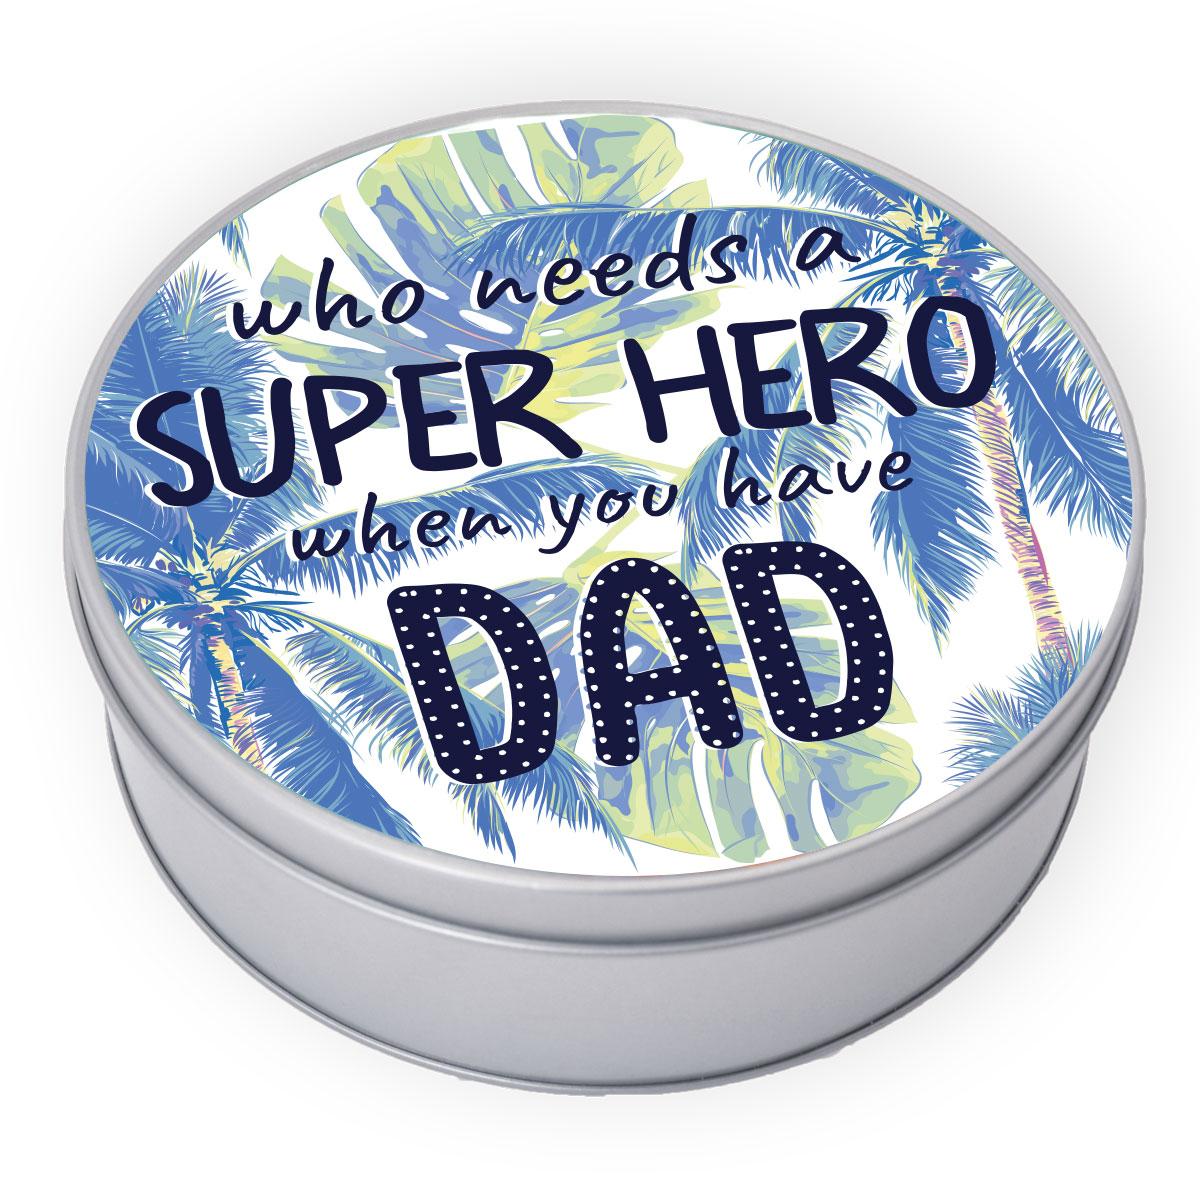 Blikken vaderdag cadeau doos - gepersonaliseerde koekjestrommel rond